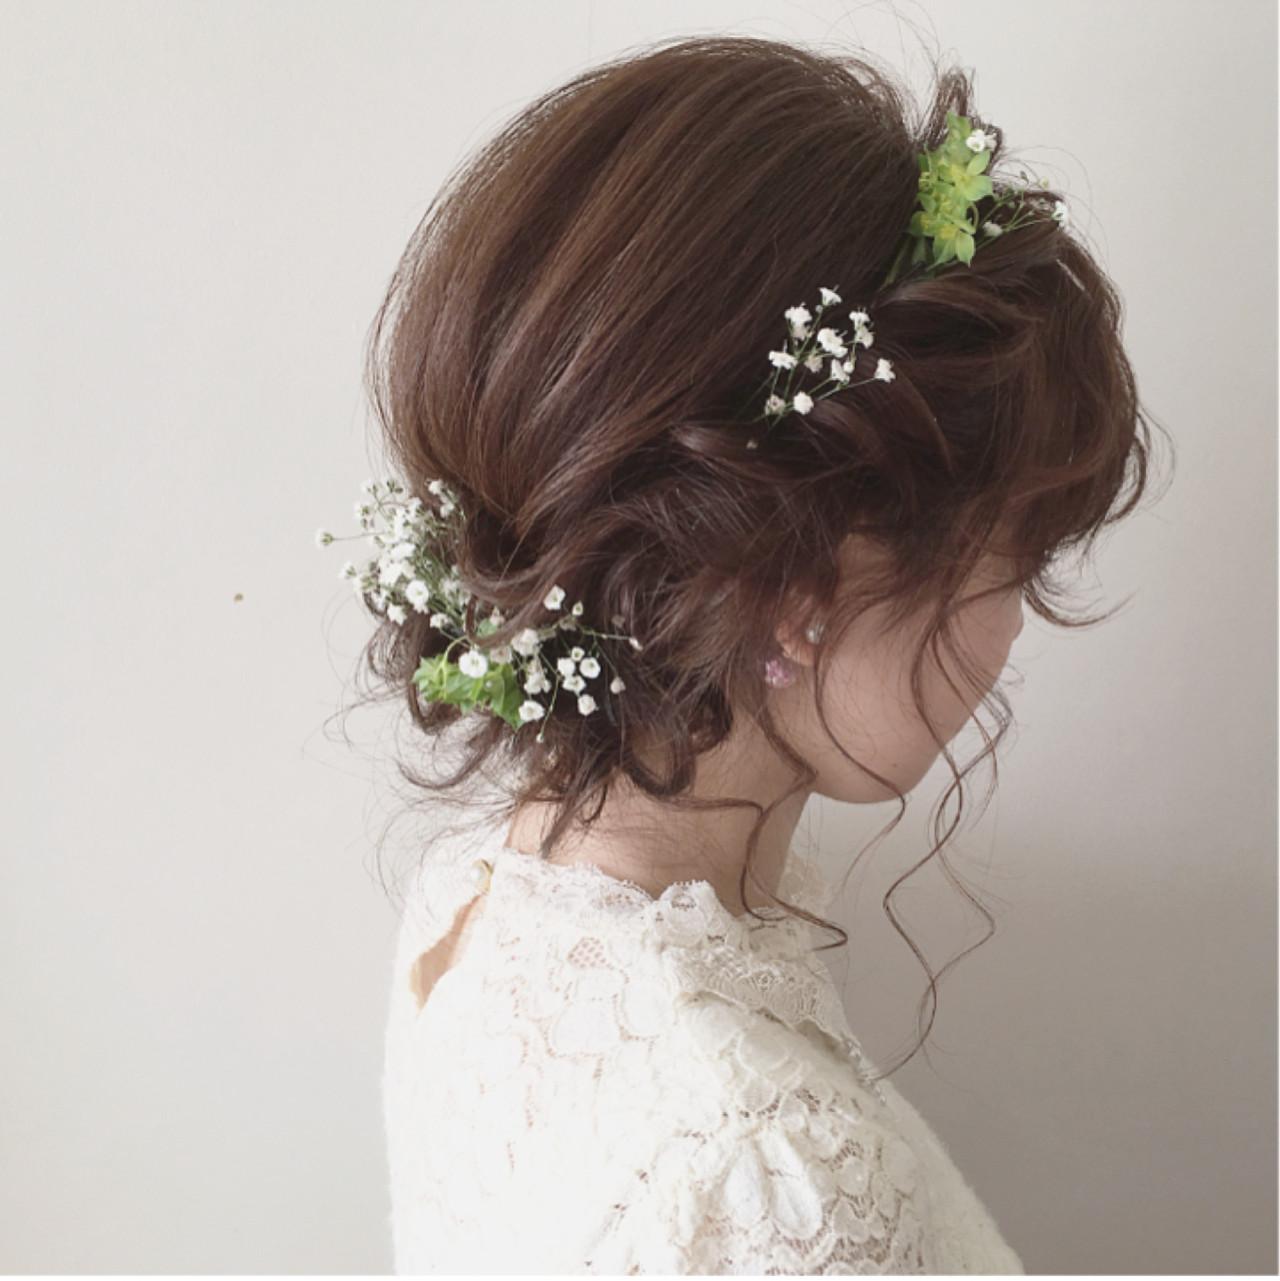 花咲く季節。頭にもお花を咲かせませんか? tomoya tamada / Freelance_hairmake